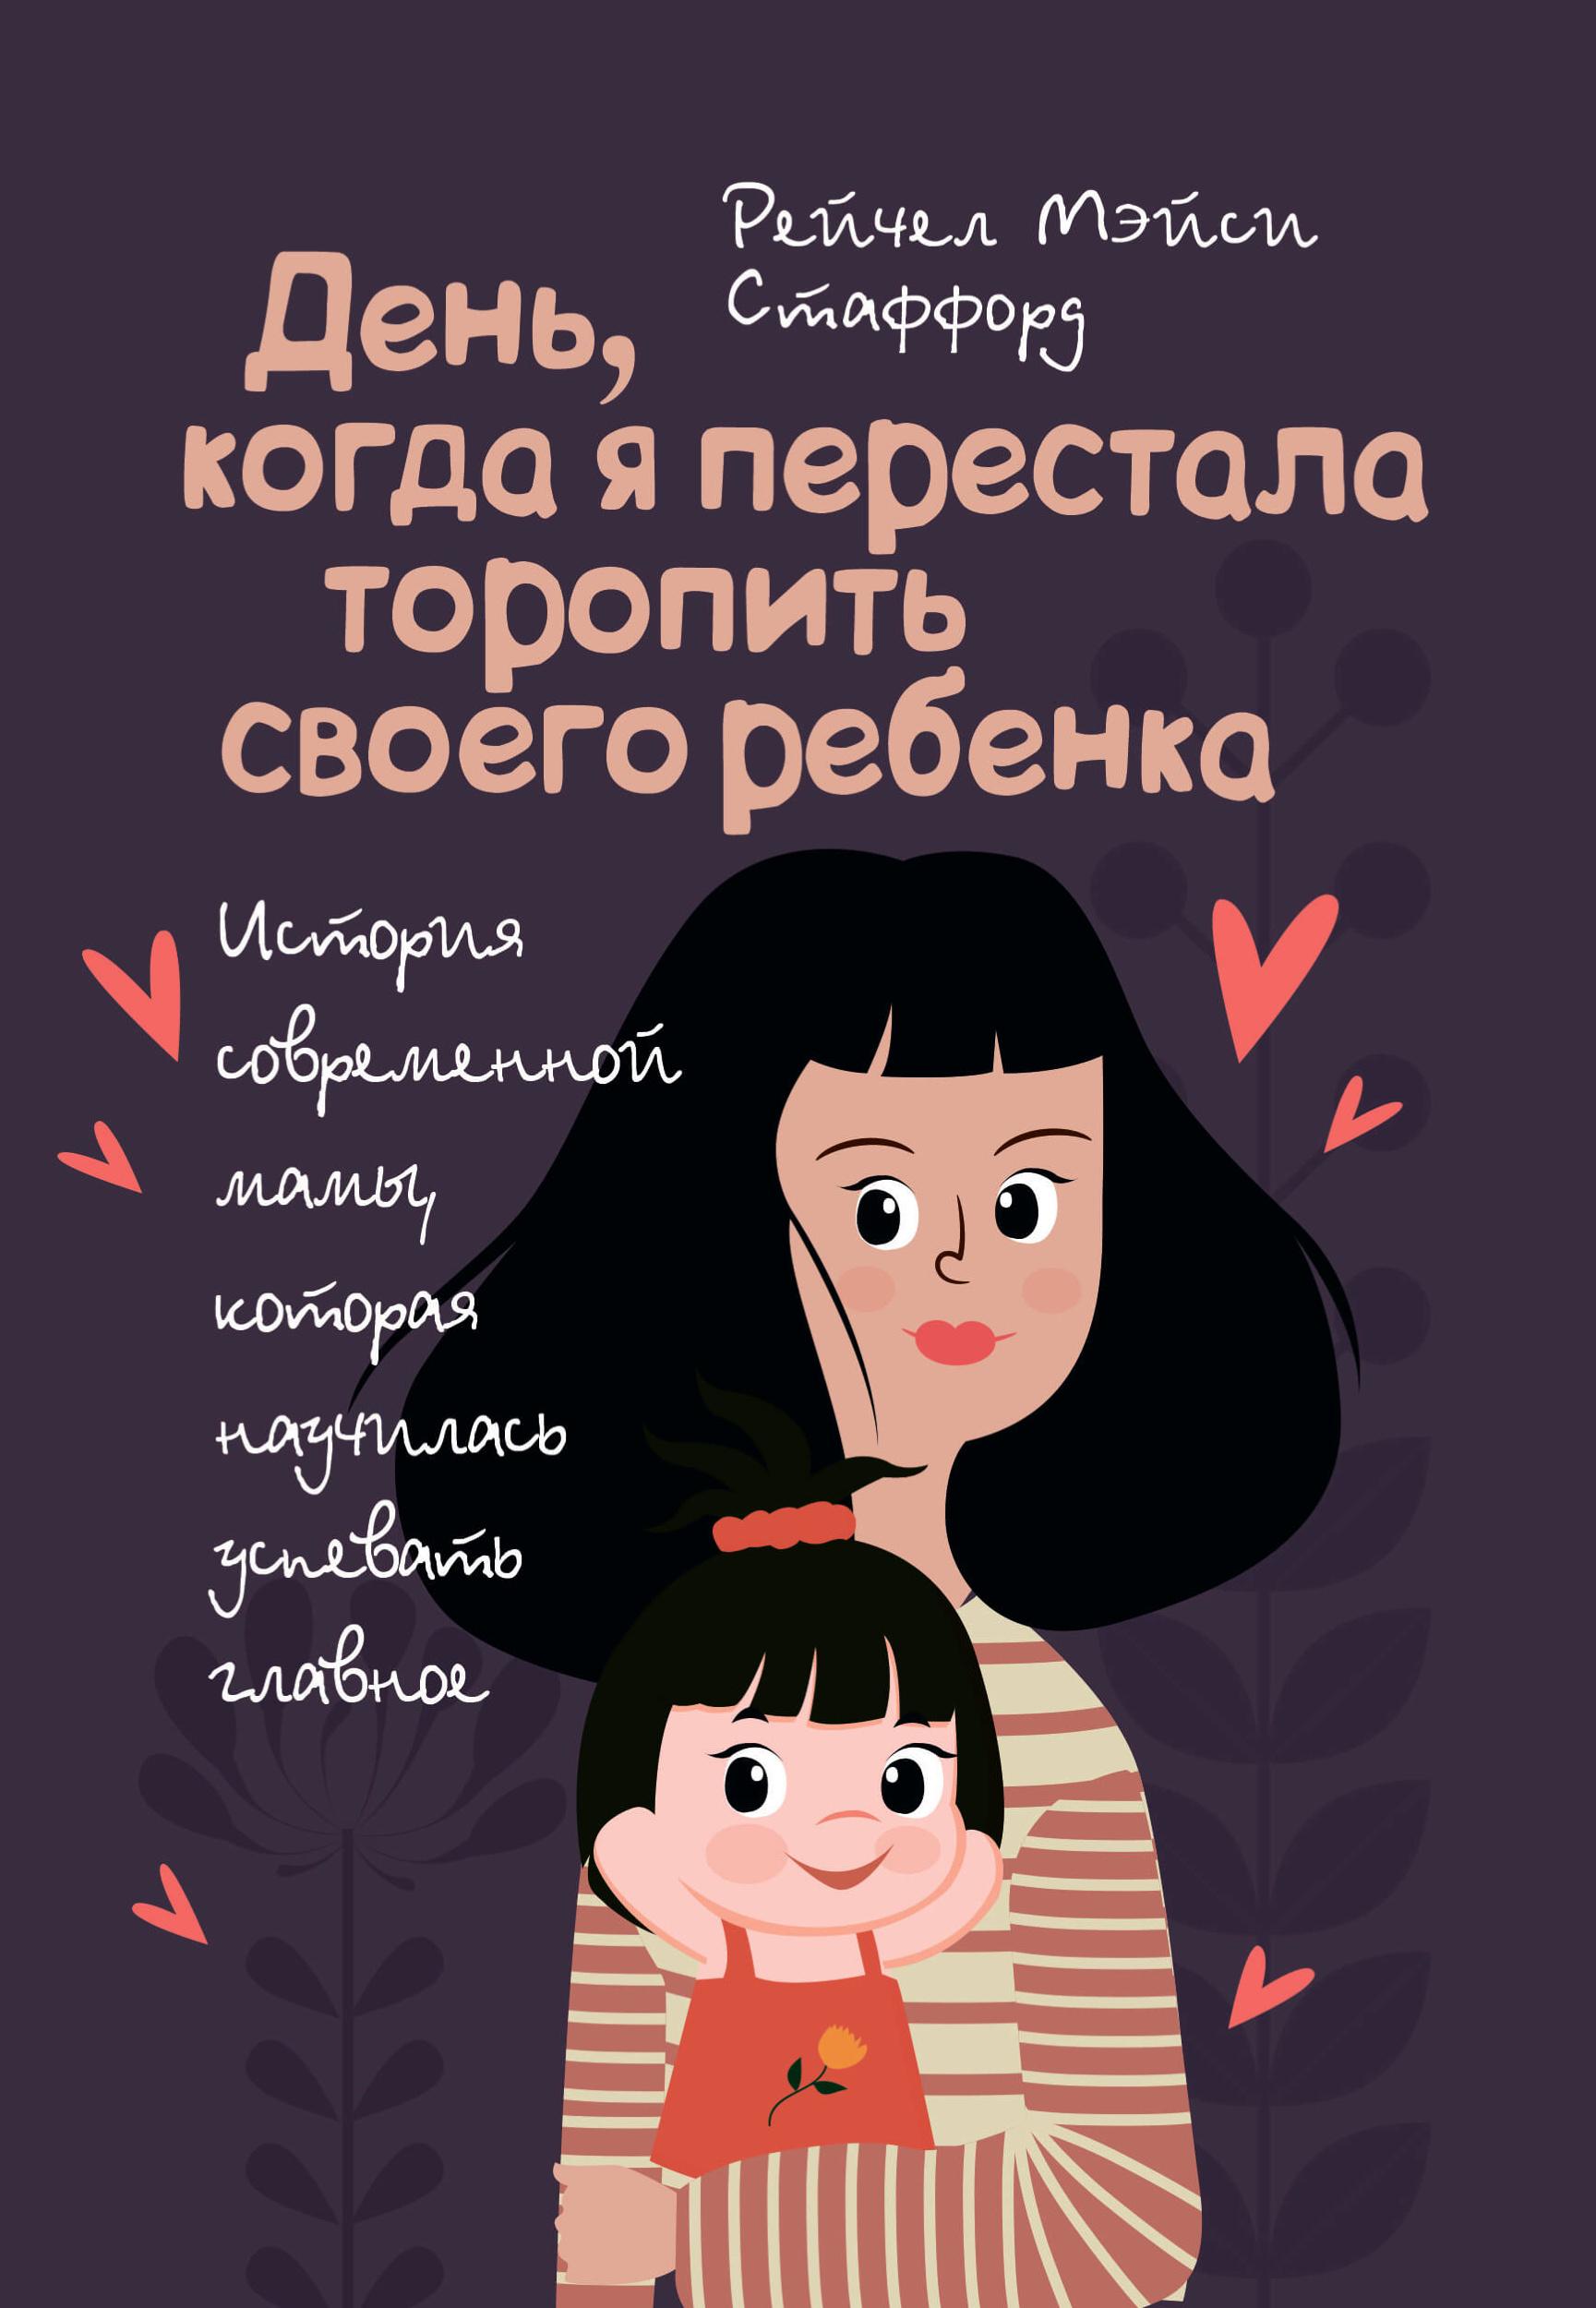 День, когда я перестала торопить своего ребенка. История современной мамы, которая научилась успевать главное!